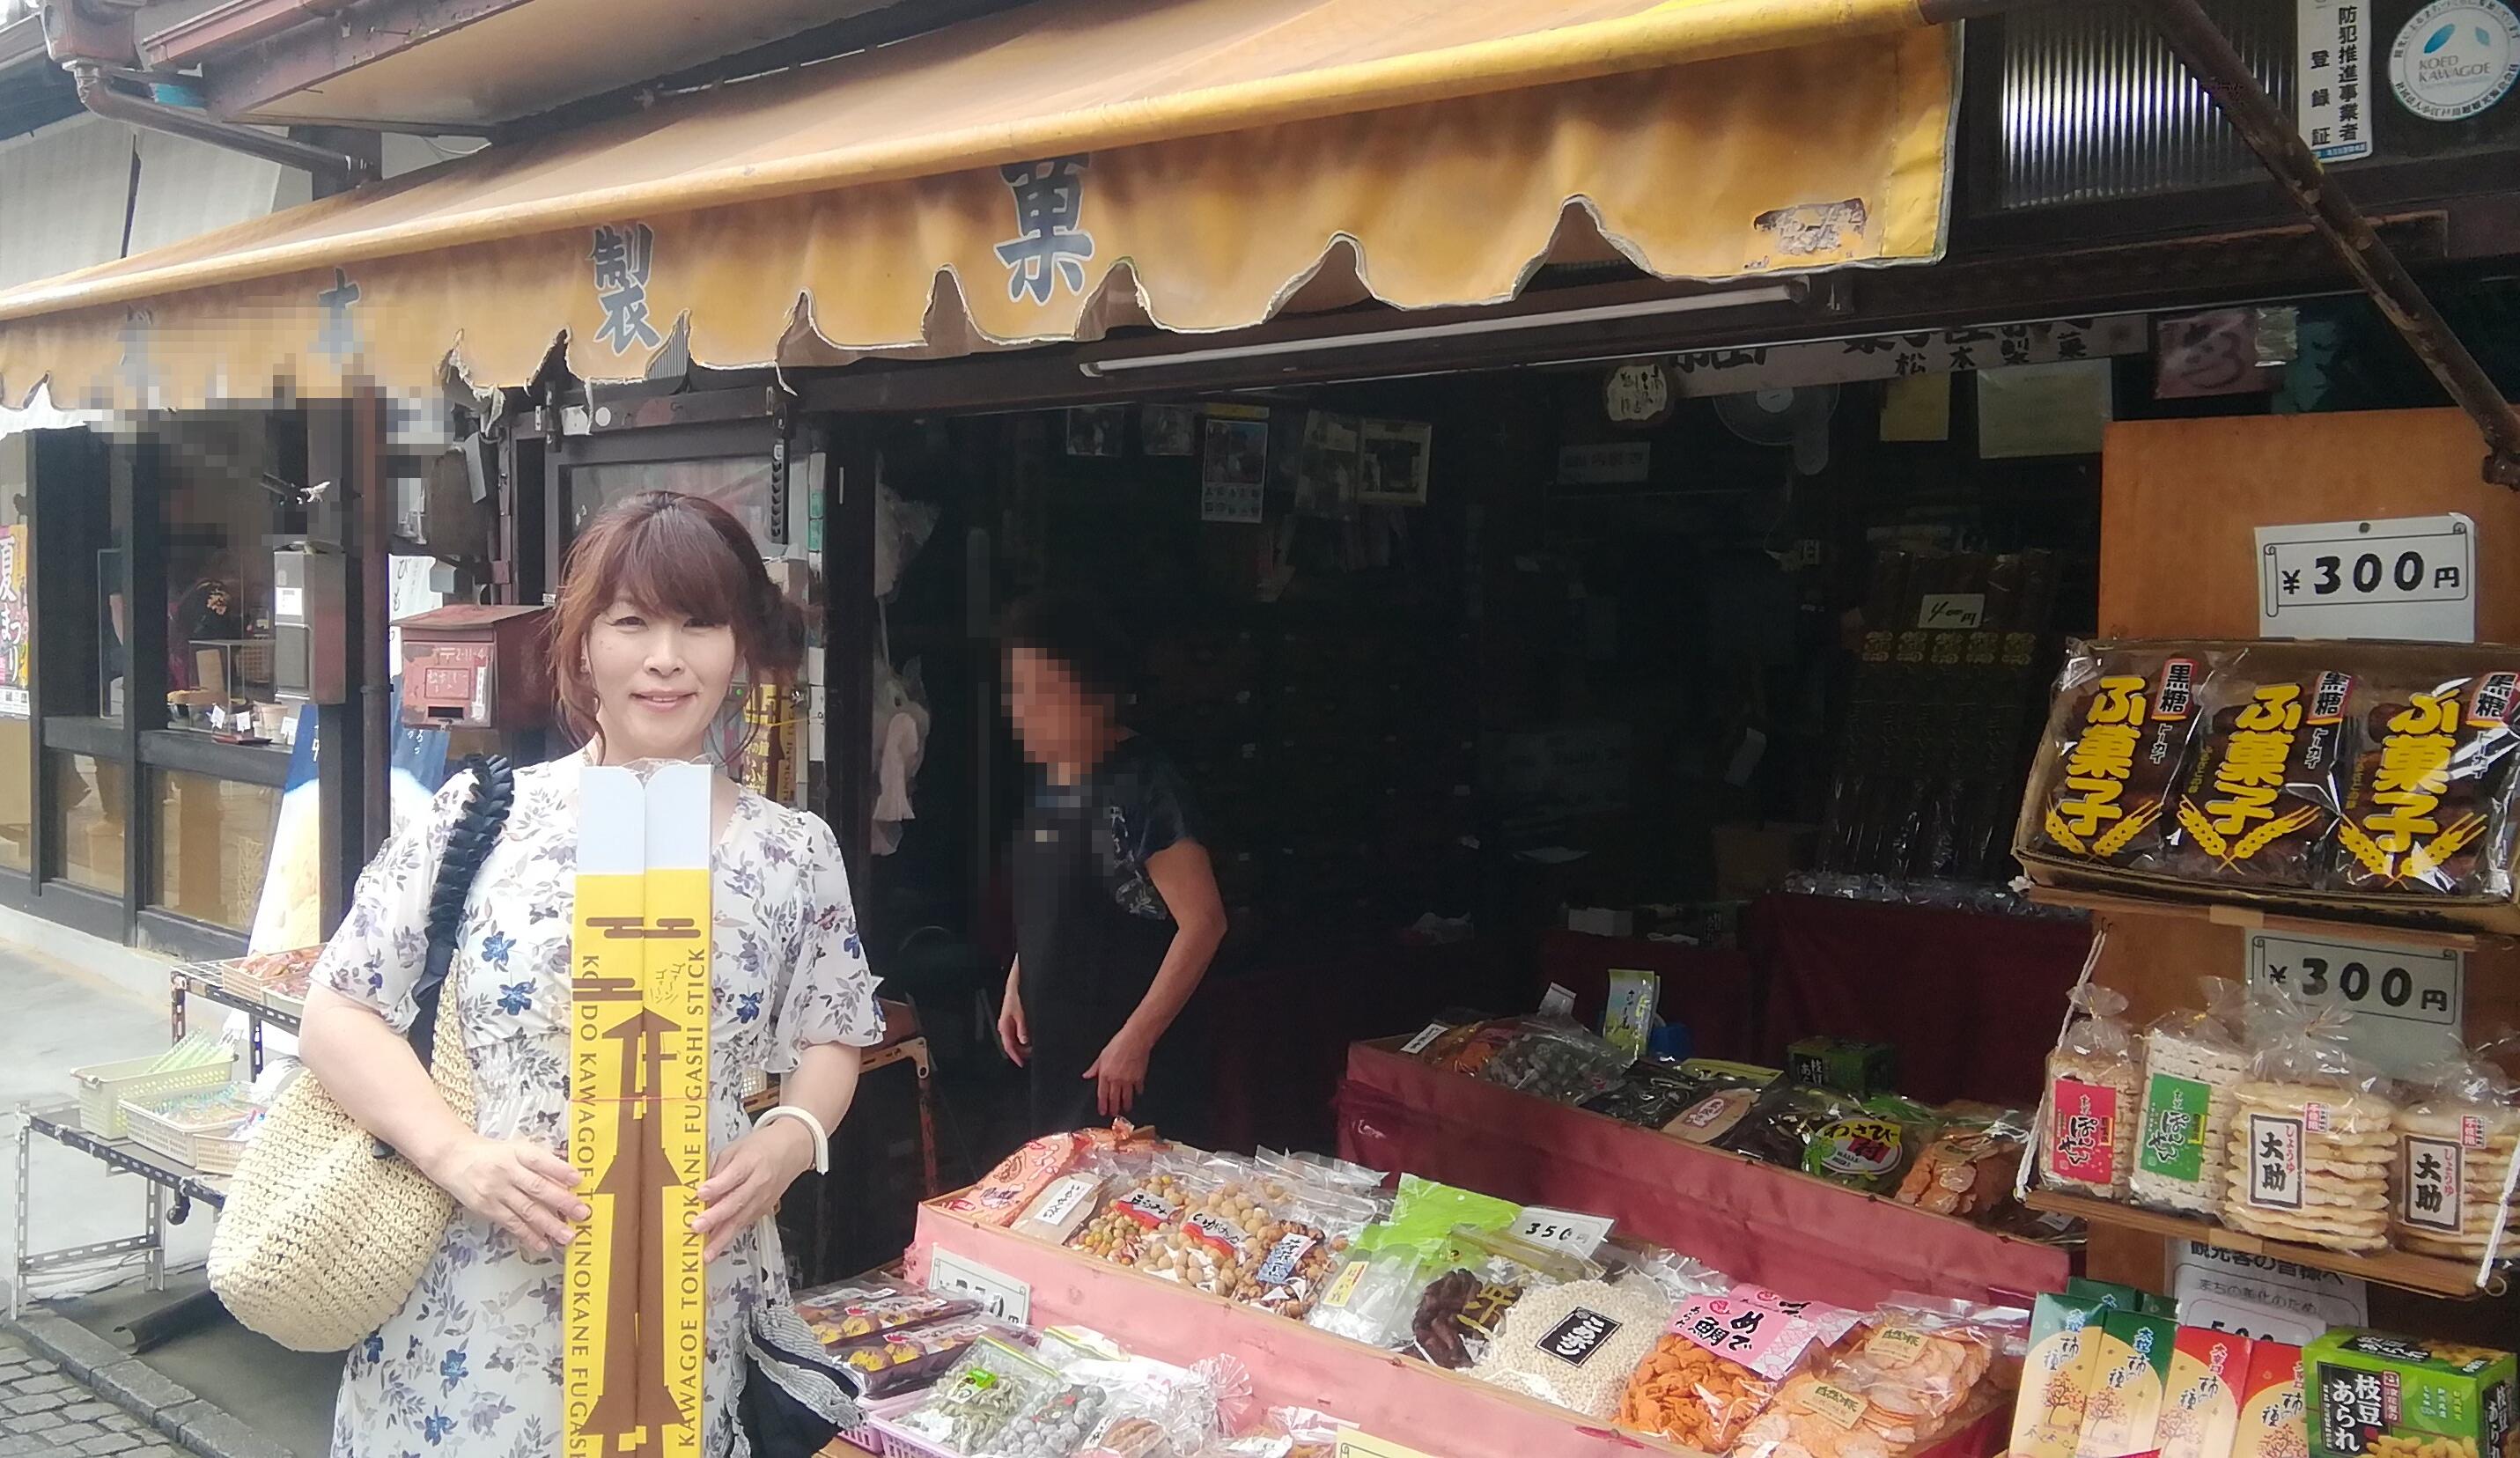 時の鐘…月9ドラマか木村陽子のブログか